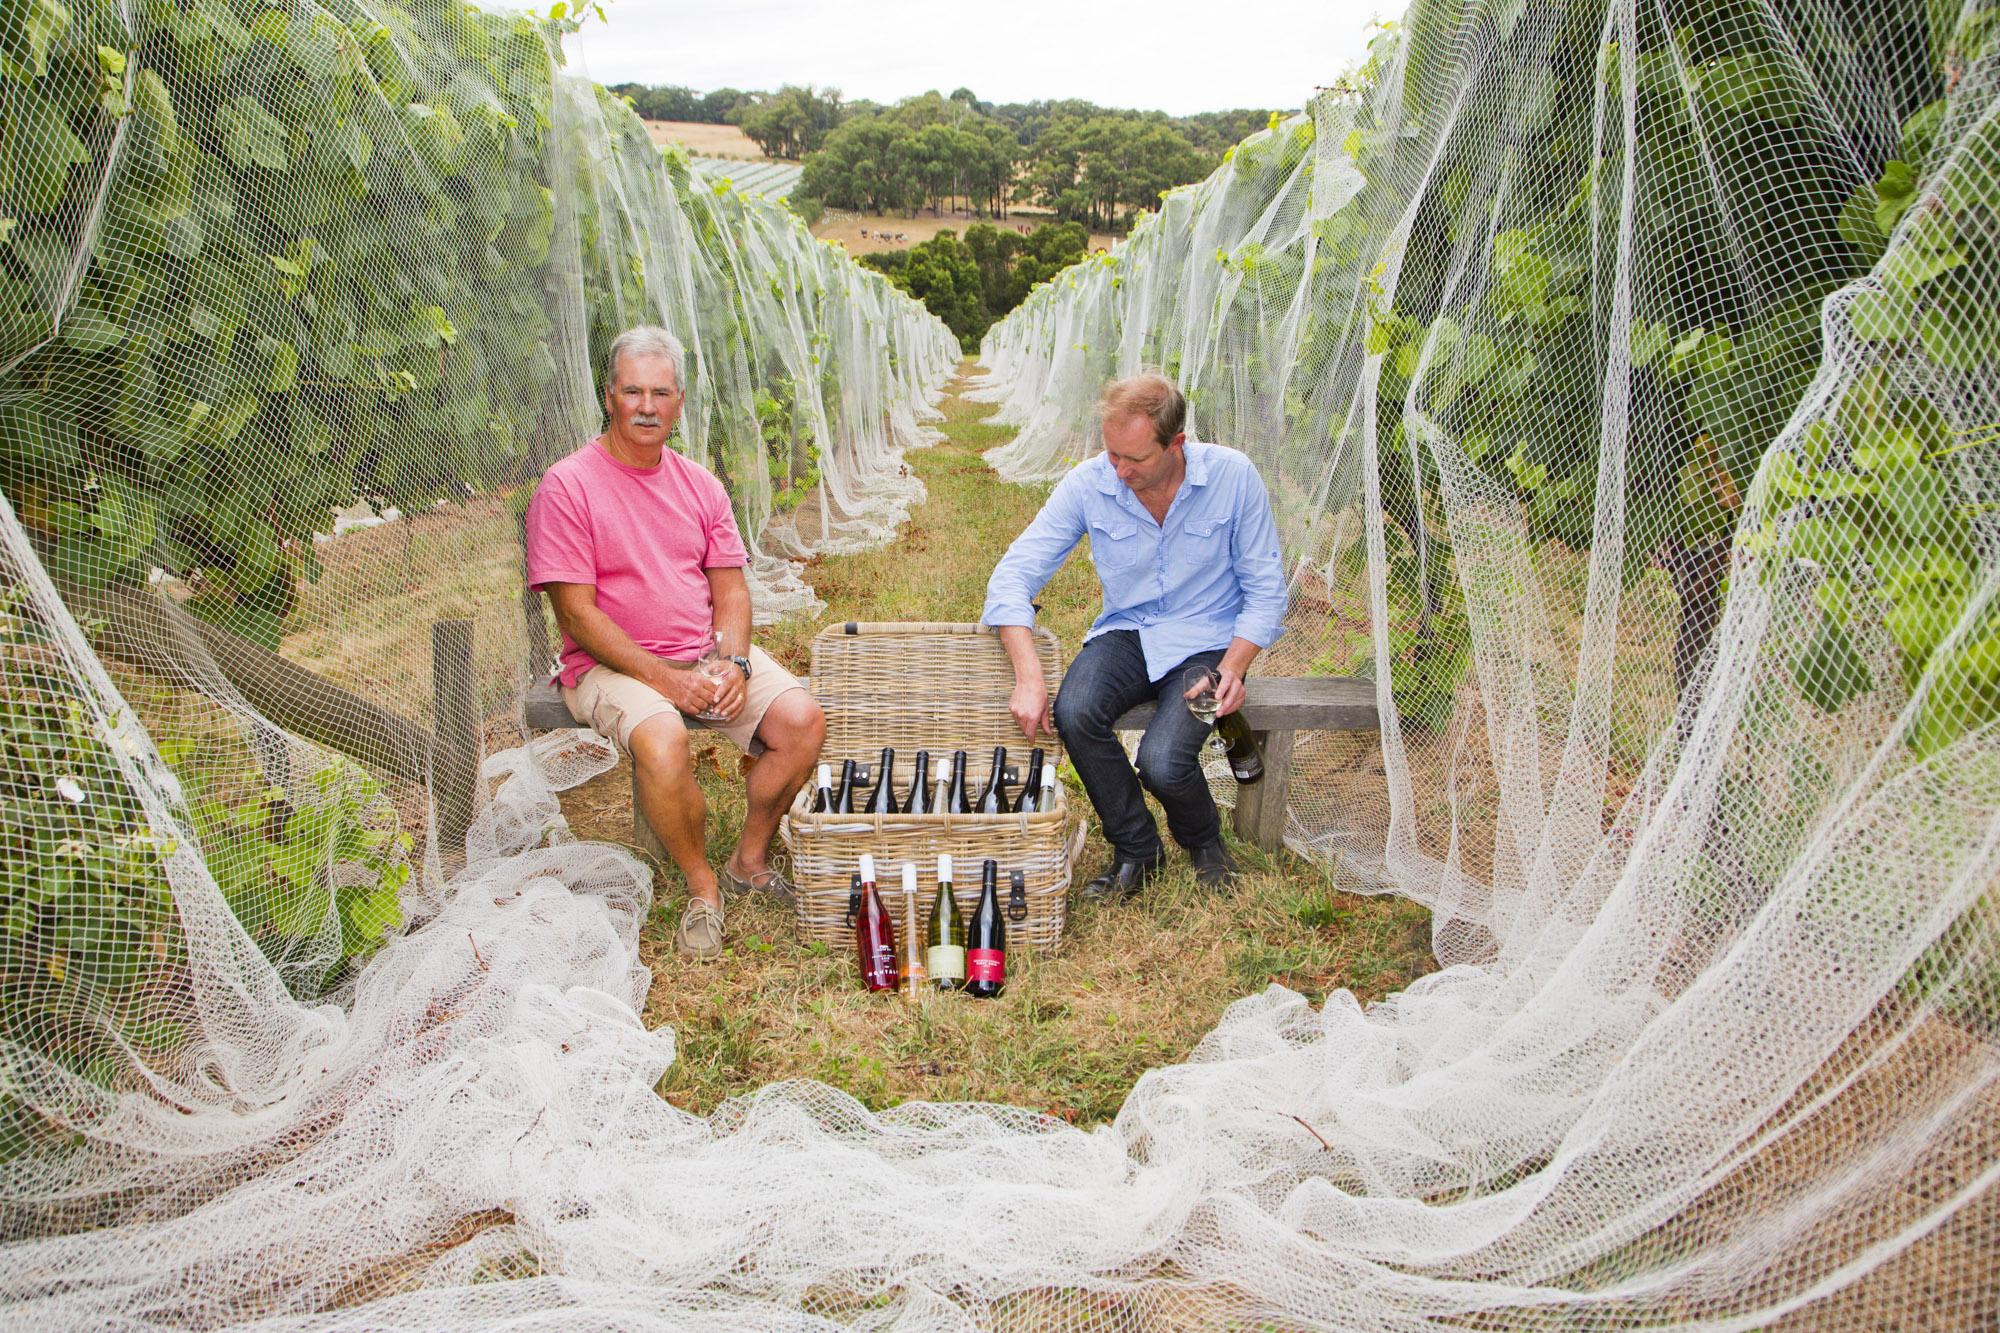 Winzer Simon Black und mit einer Kiste Weine im Weinberg, Trauben hinter dem Netz zum Schutz vor Vögeln, Montalto, Mornington, Mornington Peninsula, Australien